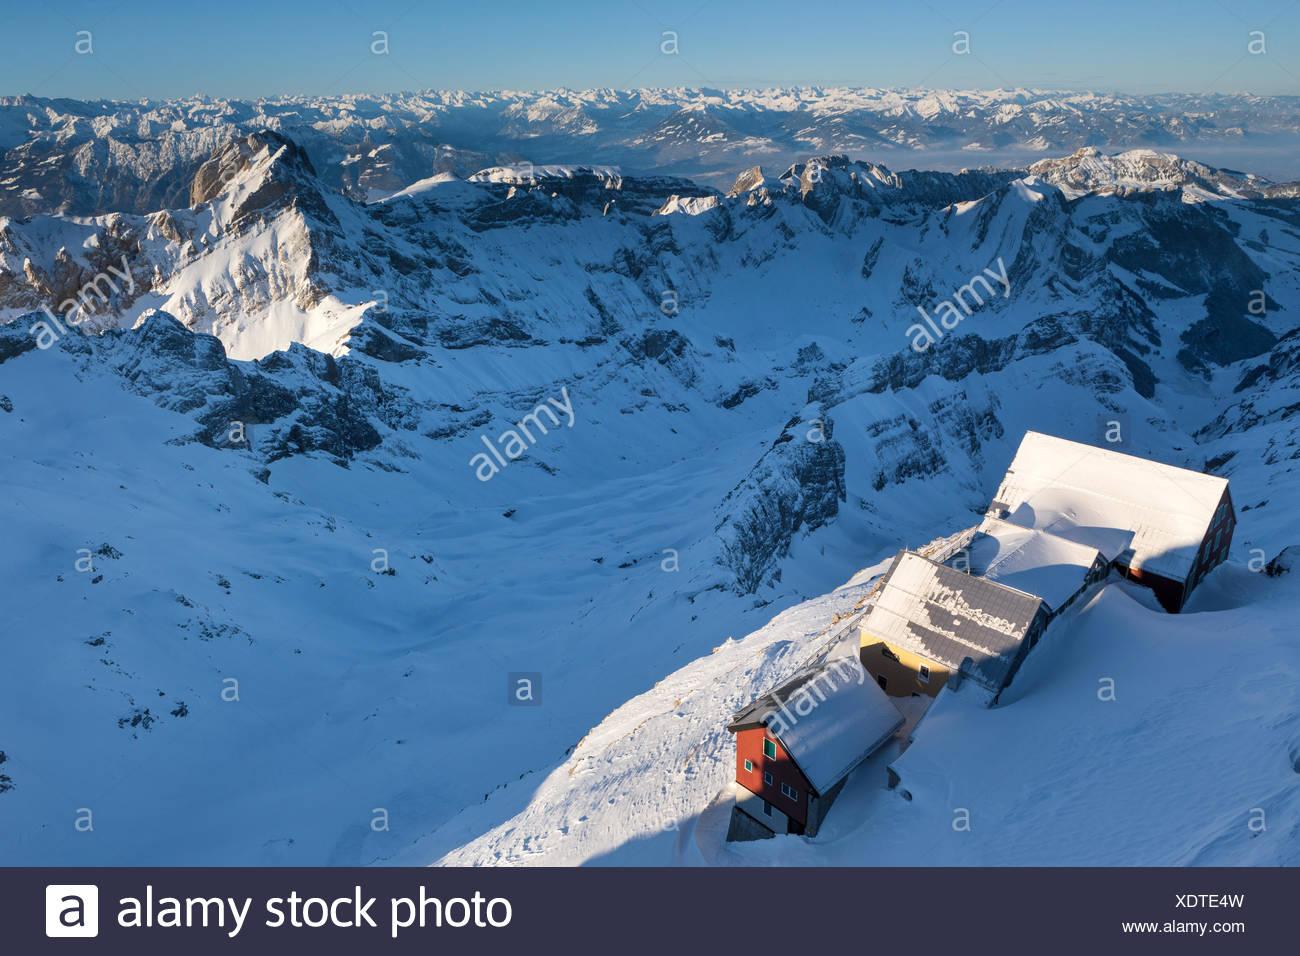 Ansicht, Vista, Säntis, Schweiz, Kanton Appenzell, Appenzell Innerrhoden, Alpstein, Inn, Alter Säntis, Winter, Abendlicht Stockbild